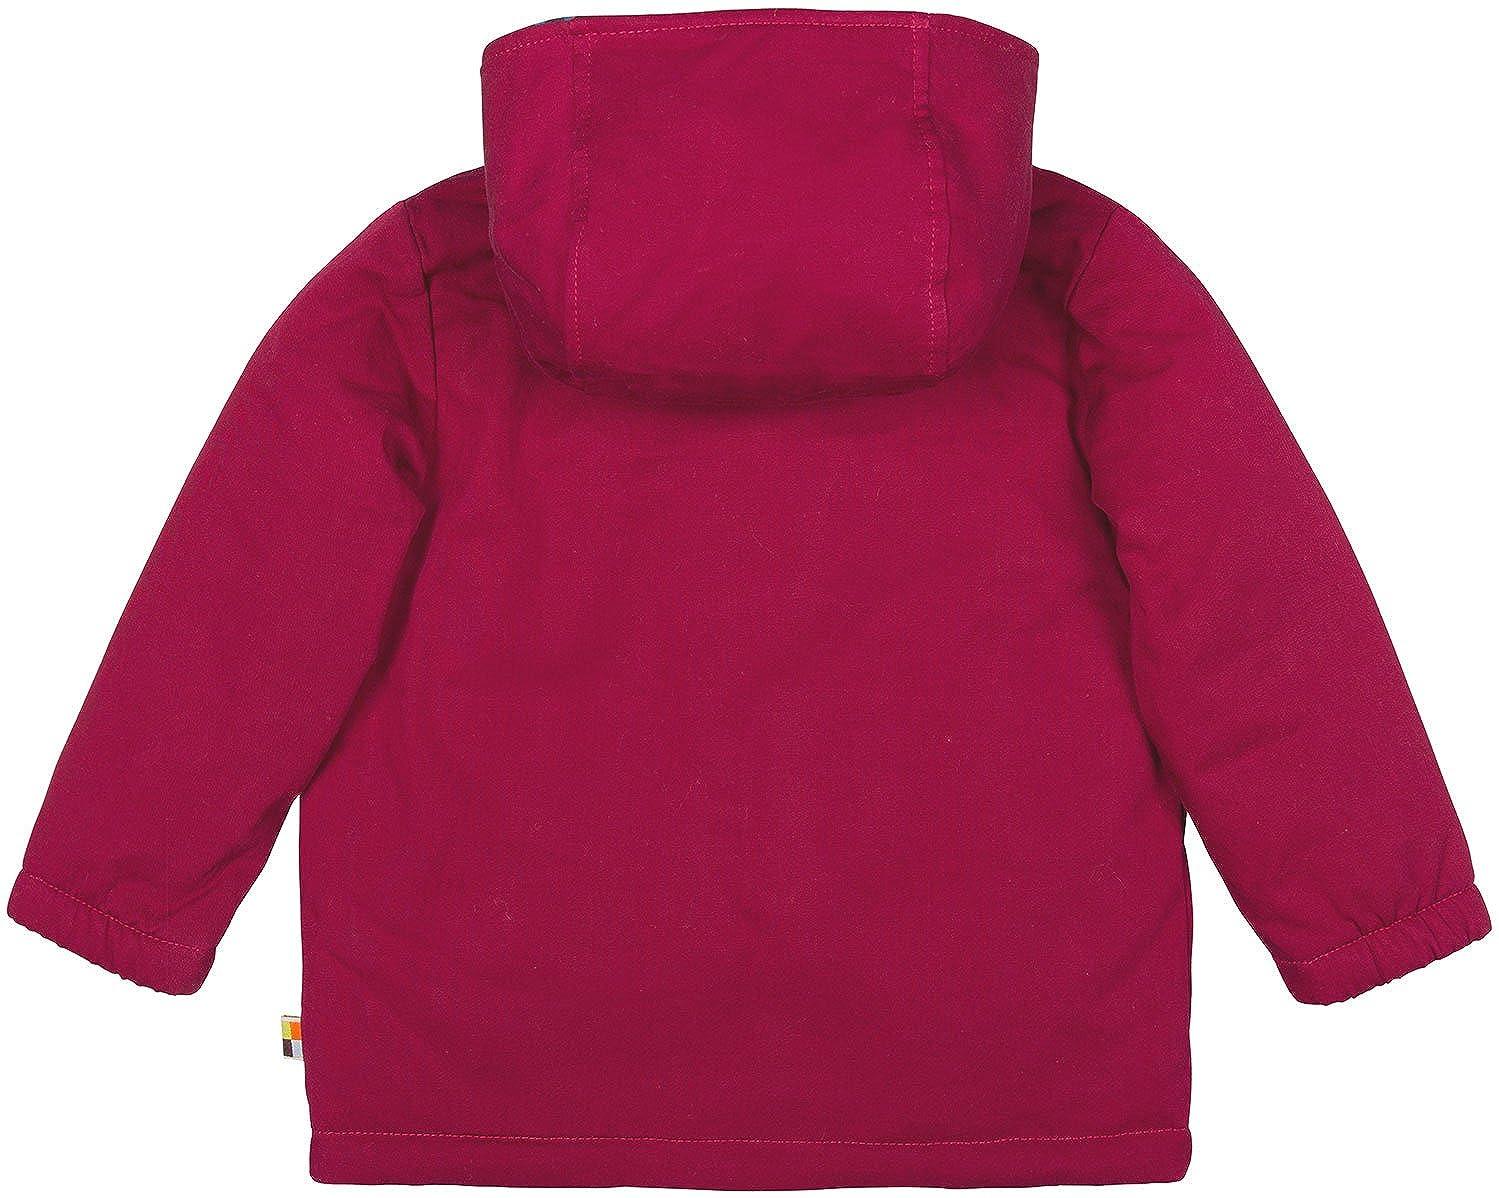 proud Girls Wasserabweisende loud Wattierte Jacke Jacket